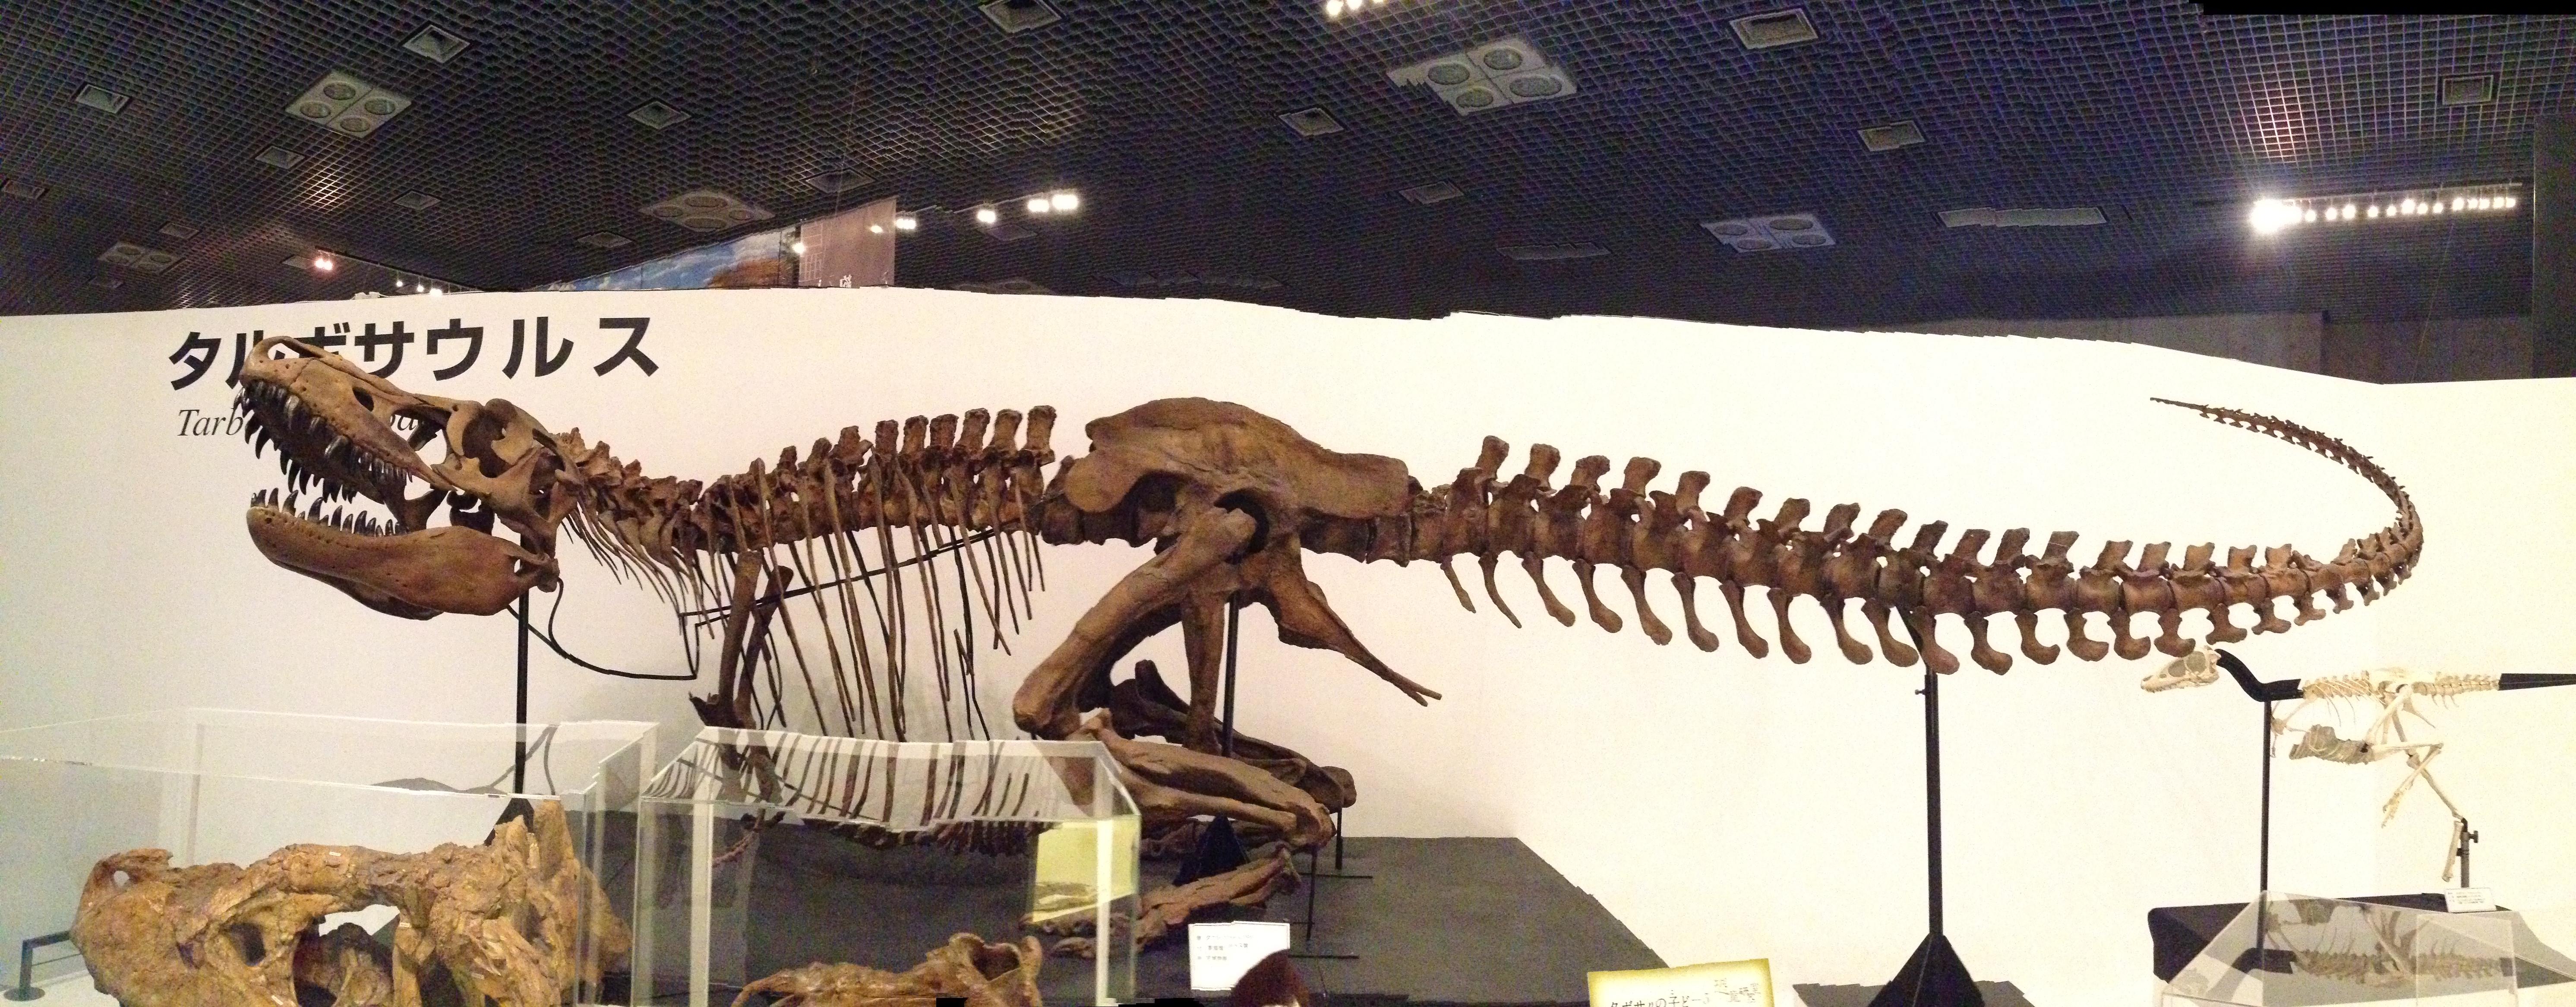 170 タルボサウルス!アジア最大の獣脚類!